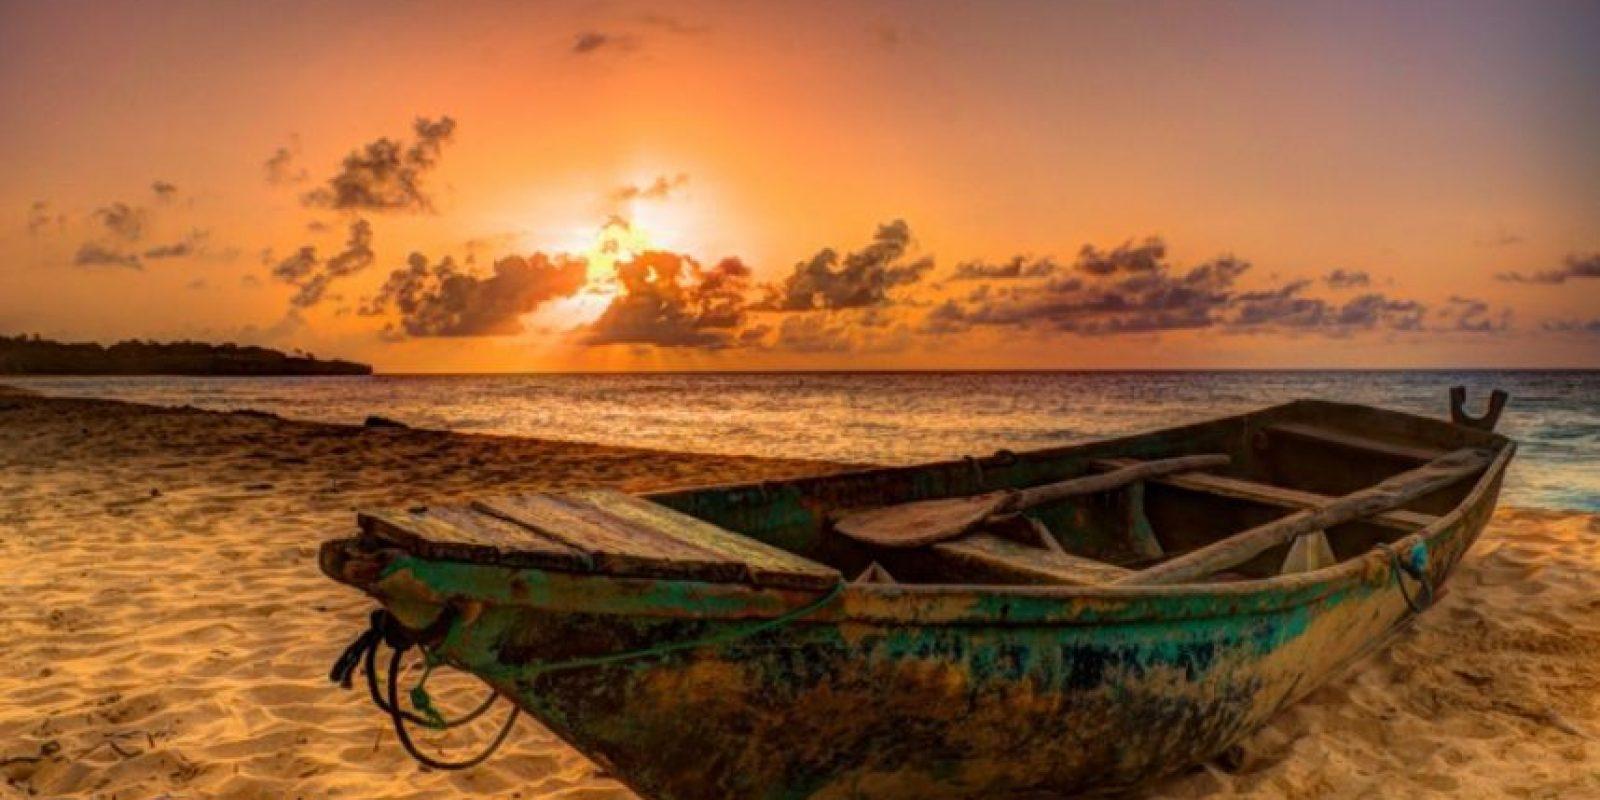 País: República Dominicana / Categoría: Secretos de la Ciudad Foto:Martín Rodríguez